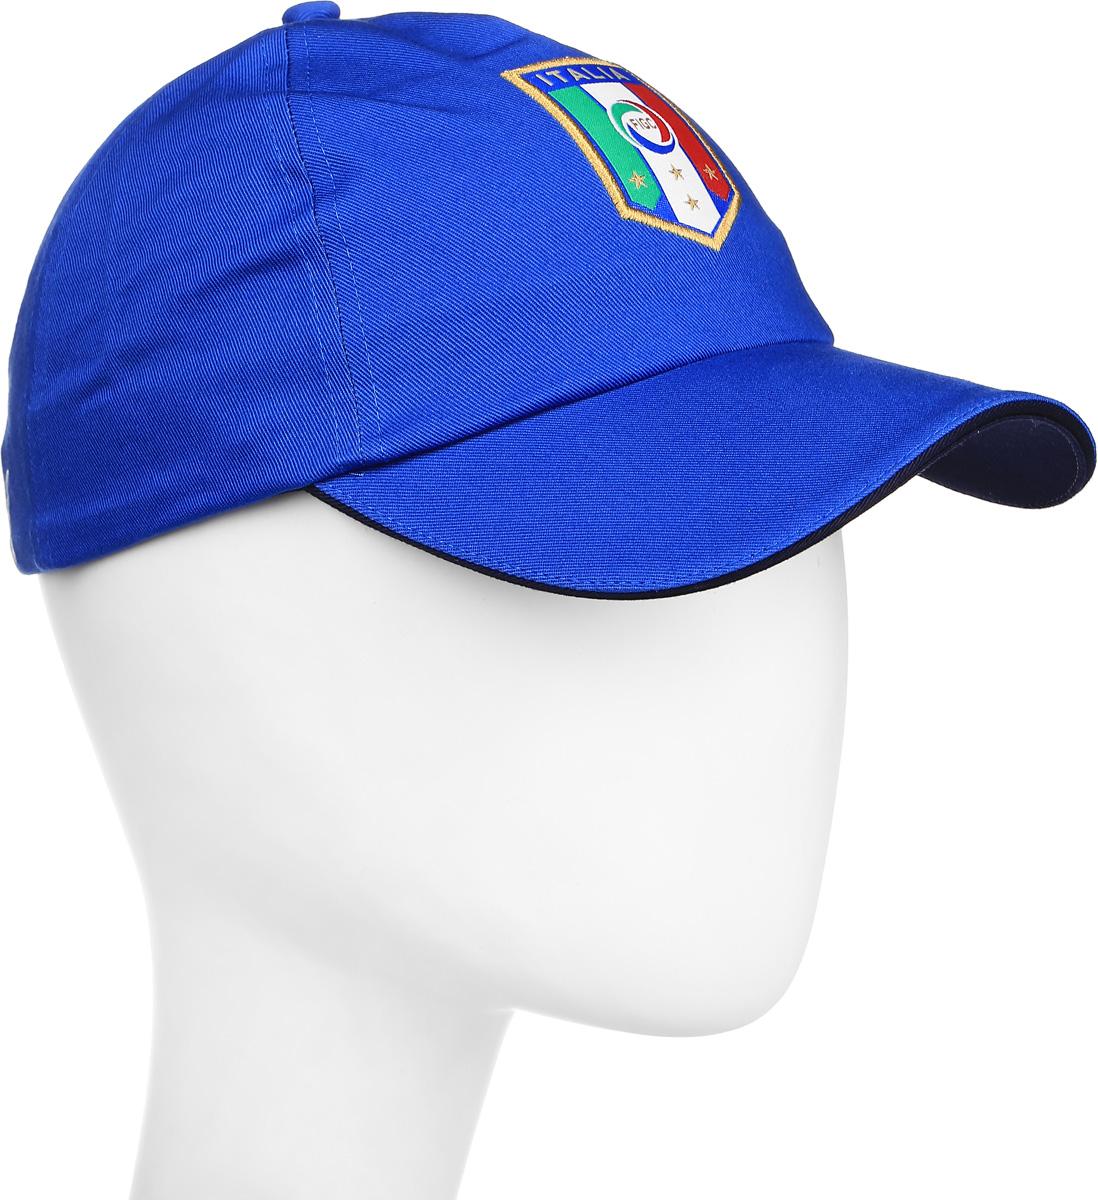 Бейсболка021017_02В этой бейсболке от Puma с вышитой эмблемой национальной сборной Италии по футболу вы не только не останетесь незамеченным, но и сможете поддержать любимую команду. Бейсболка снабжена удобной застежкой с пряжкой сзади для оптимальной посадки. Материал – мягкая и долговечная ткань саржевого переплетения из 100% хлопка.